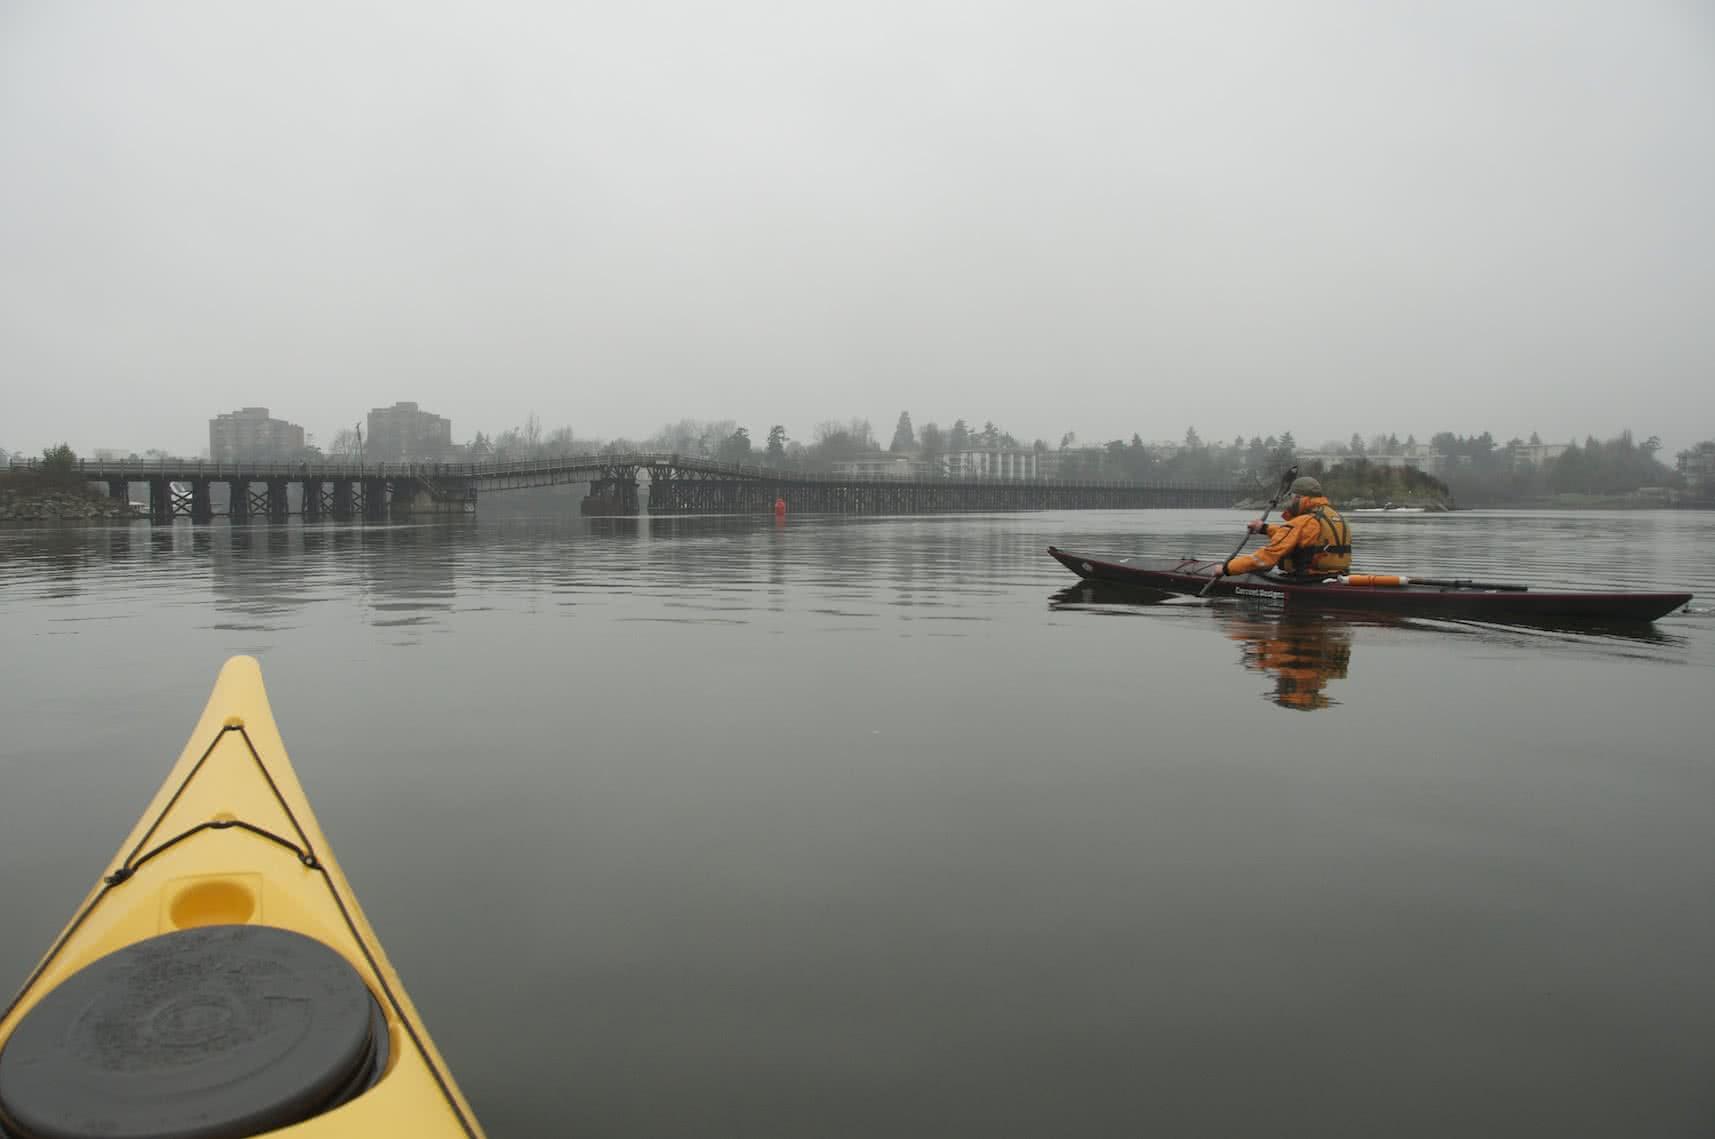 Selkirk Waterway